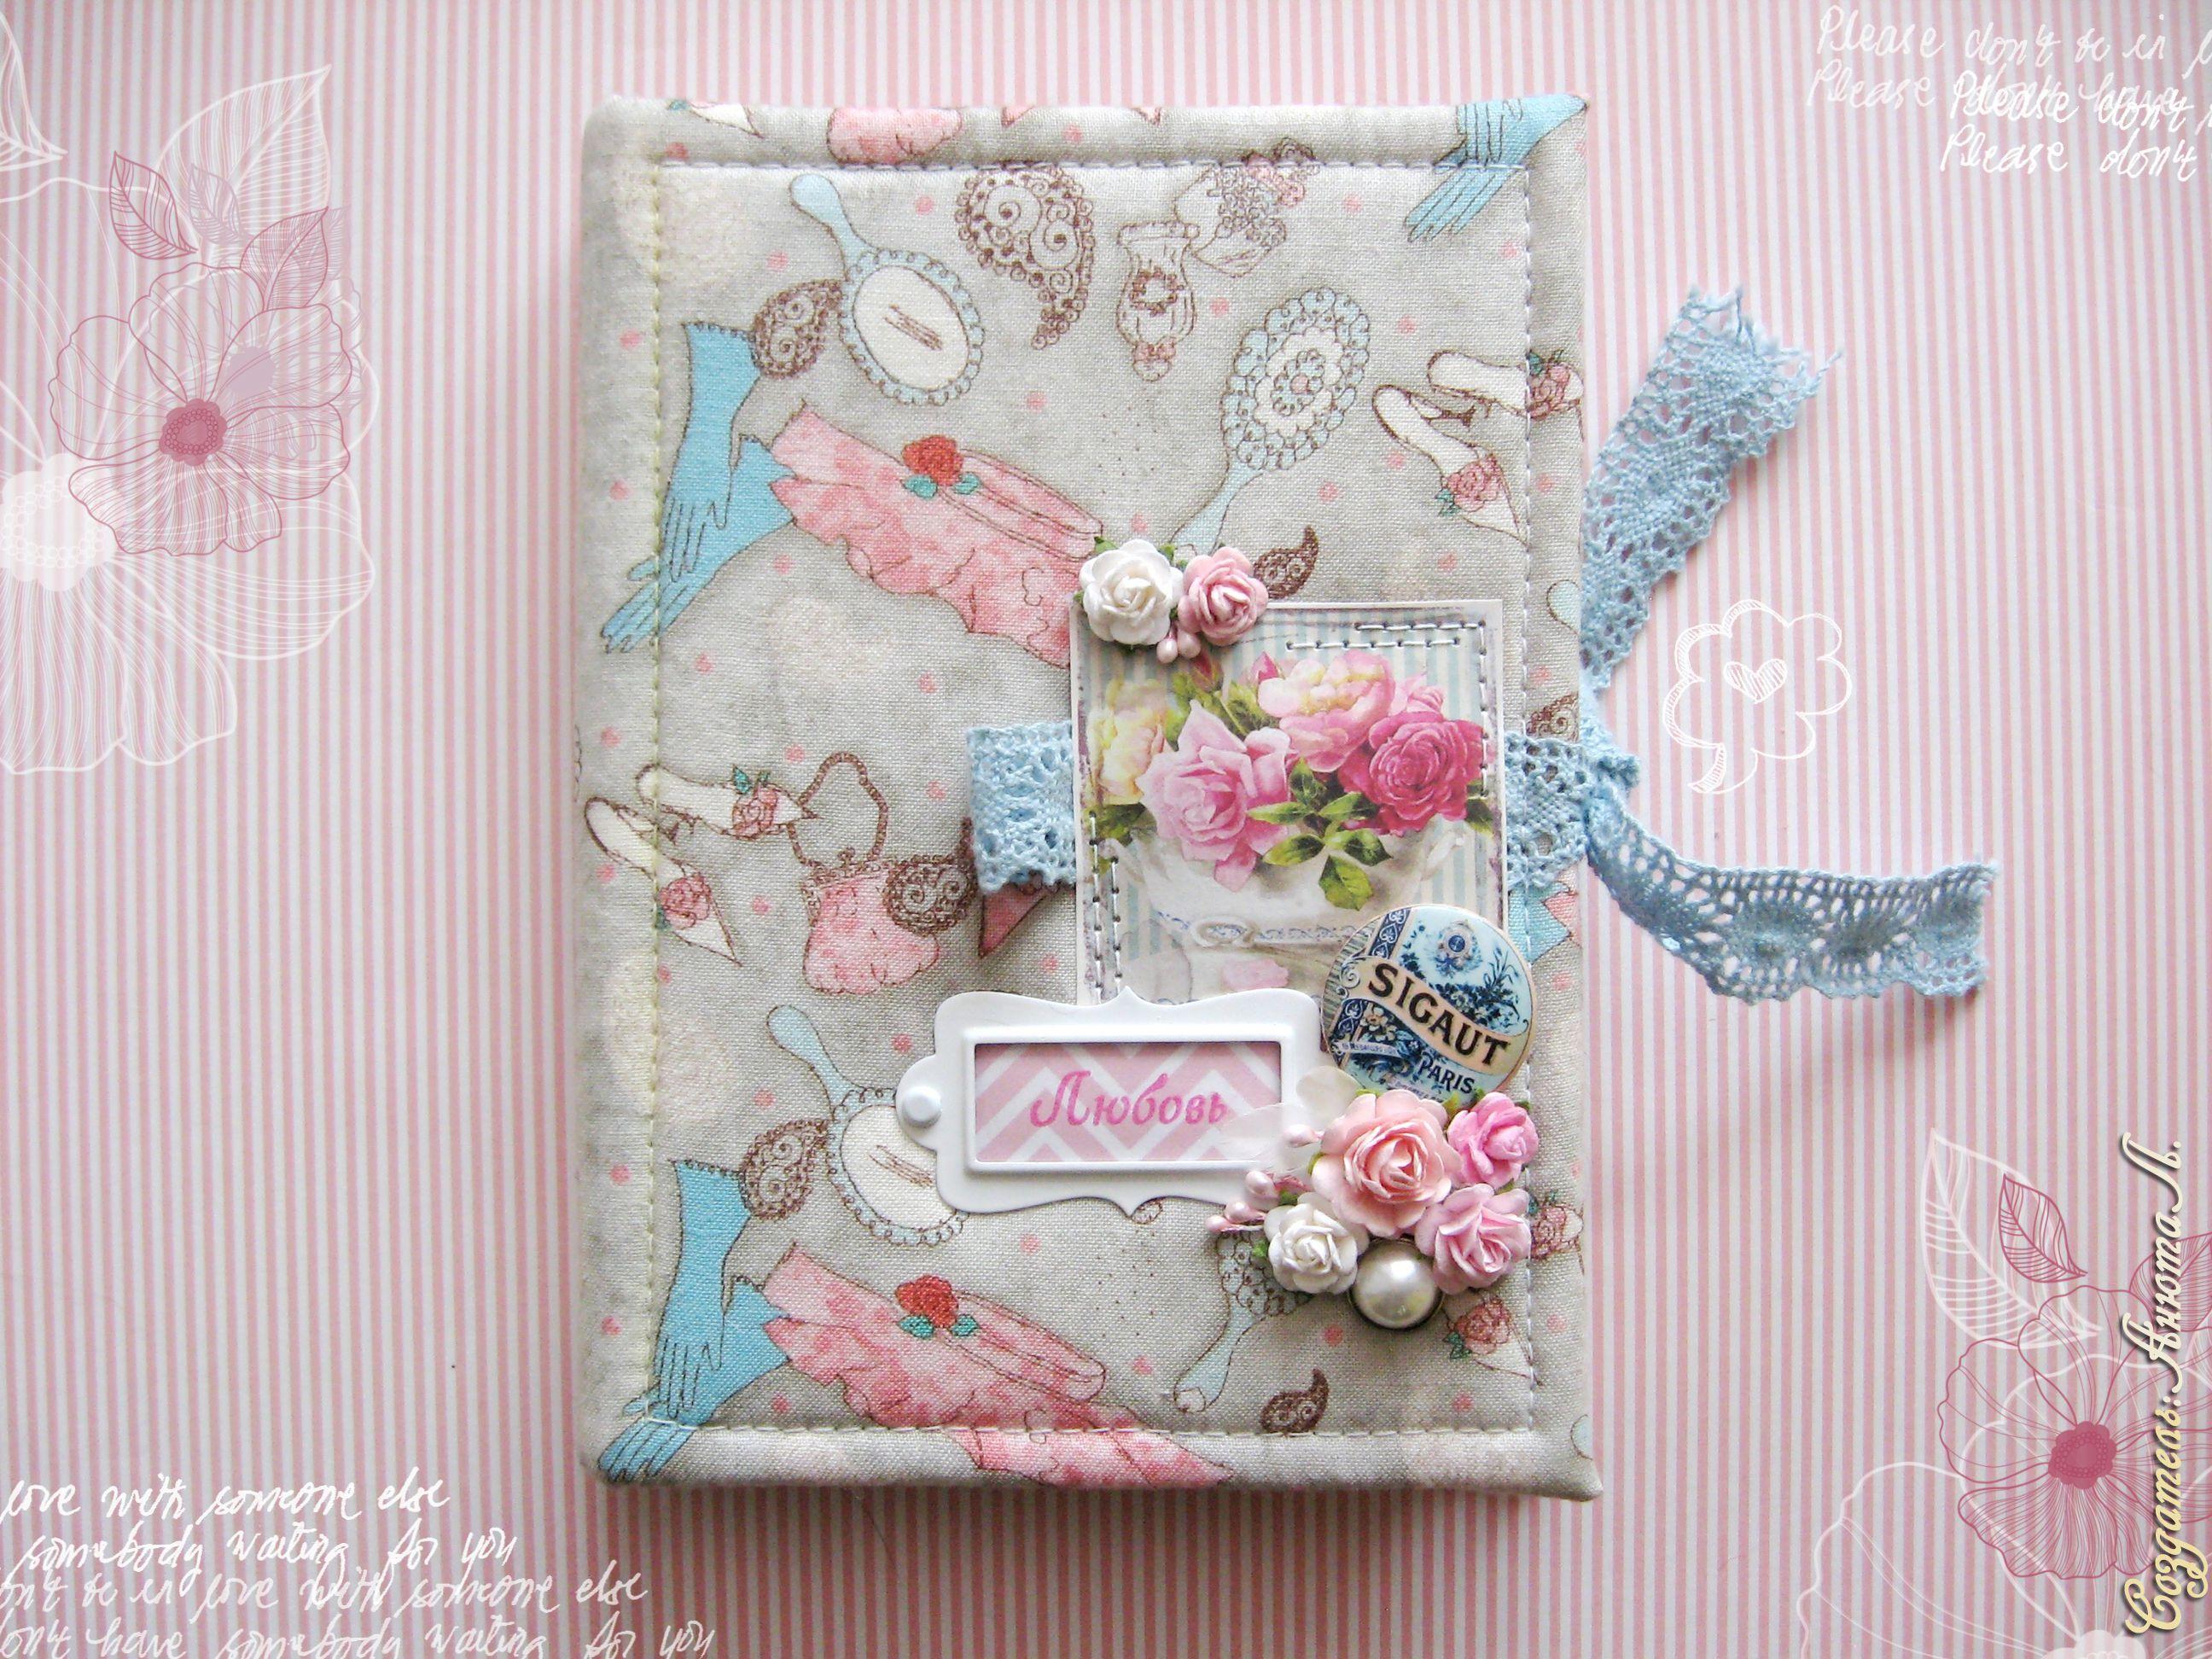 личныйдневник подарок записнаякнижка романтика нежность